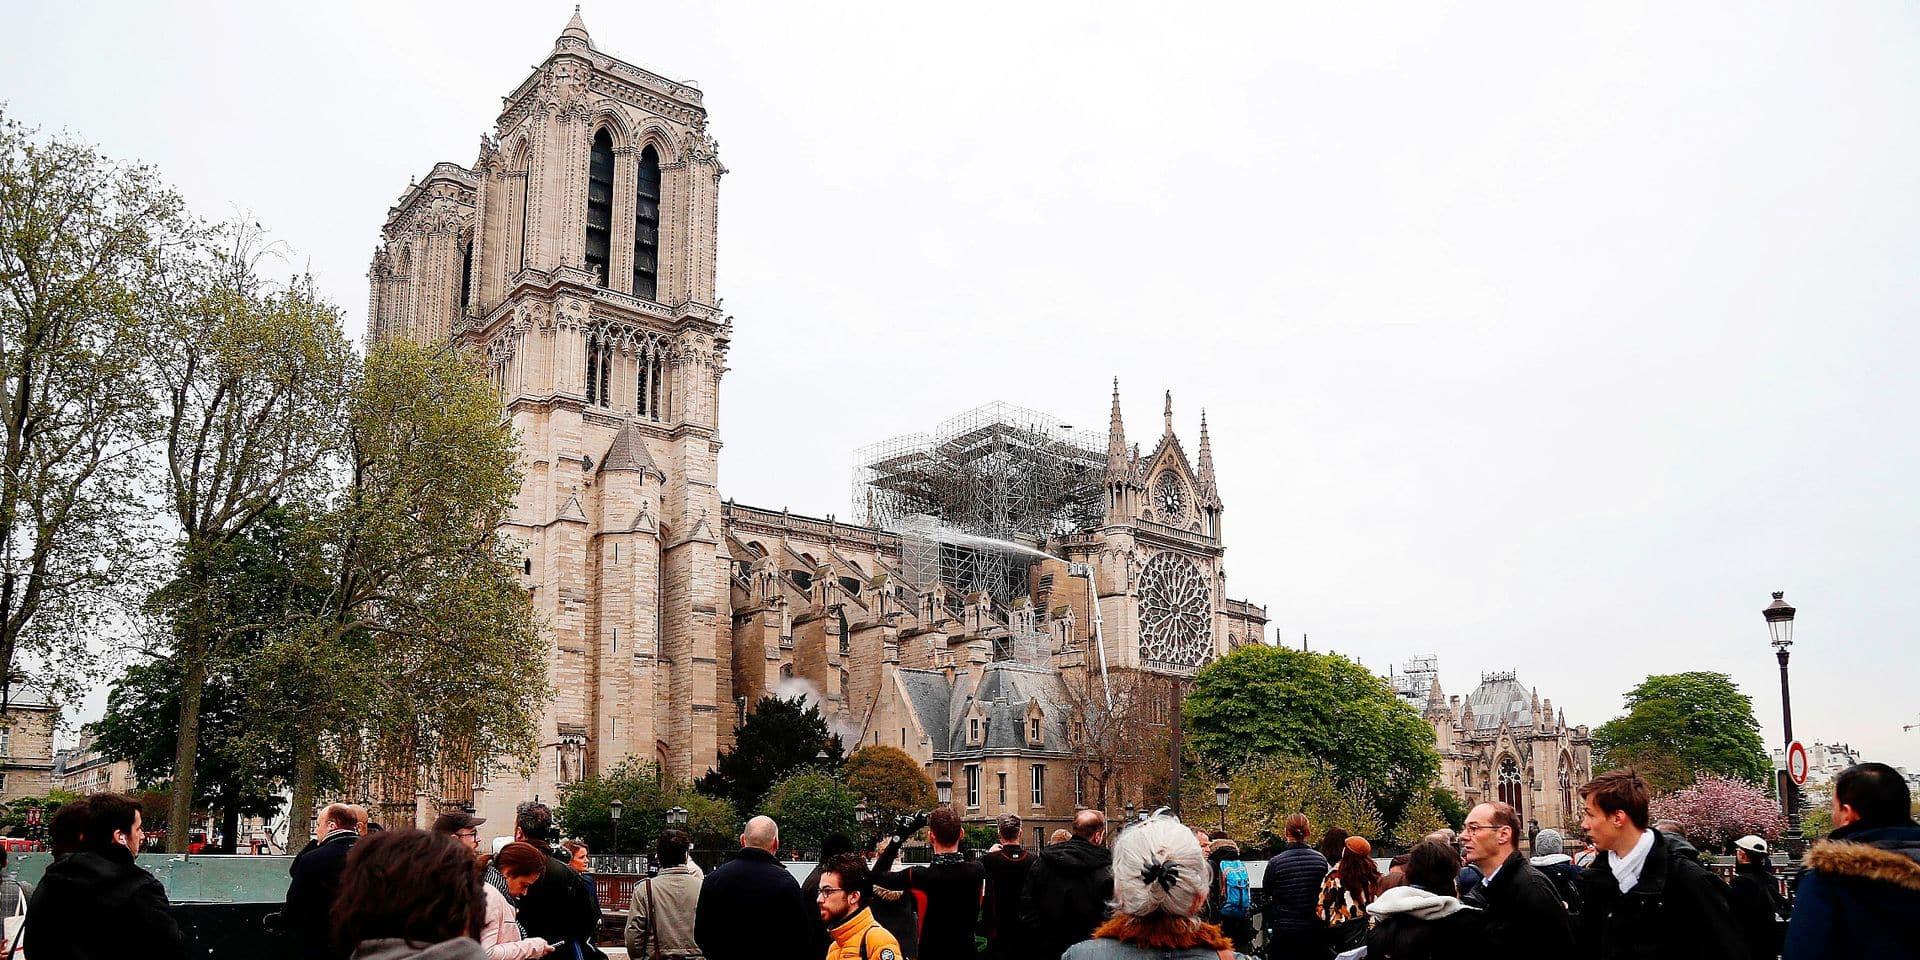 """""""Nous sommes tous des enfants de Notre-Dame"""": pourquoi l'incendie suscite autant de réactions"""